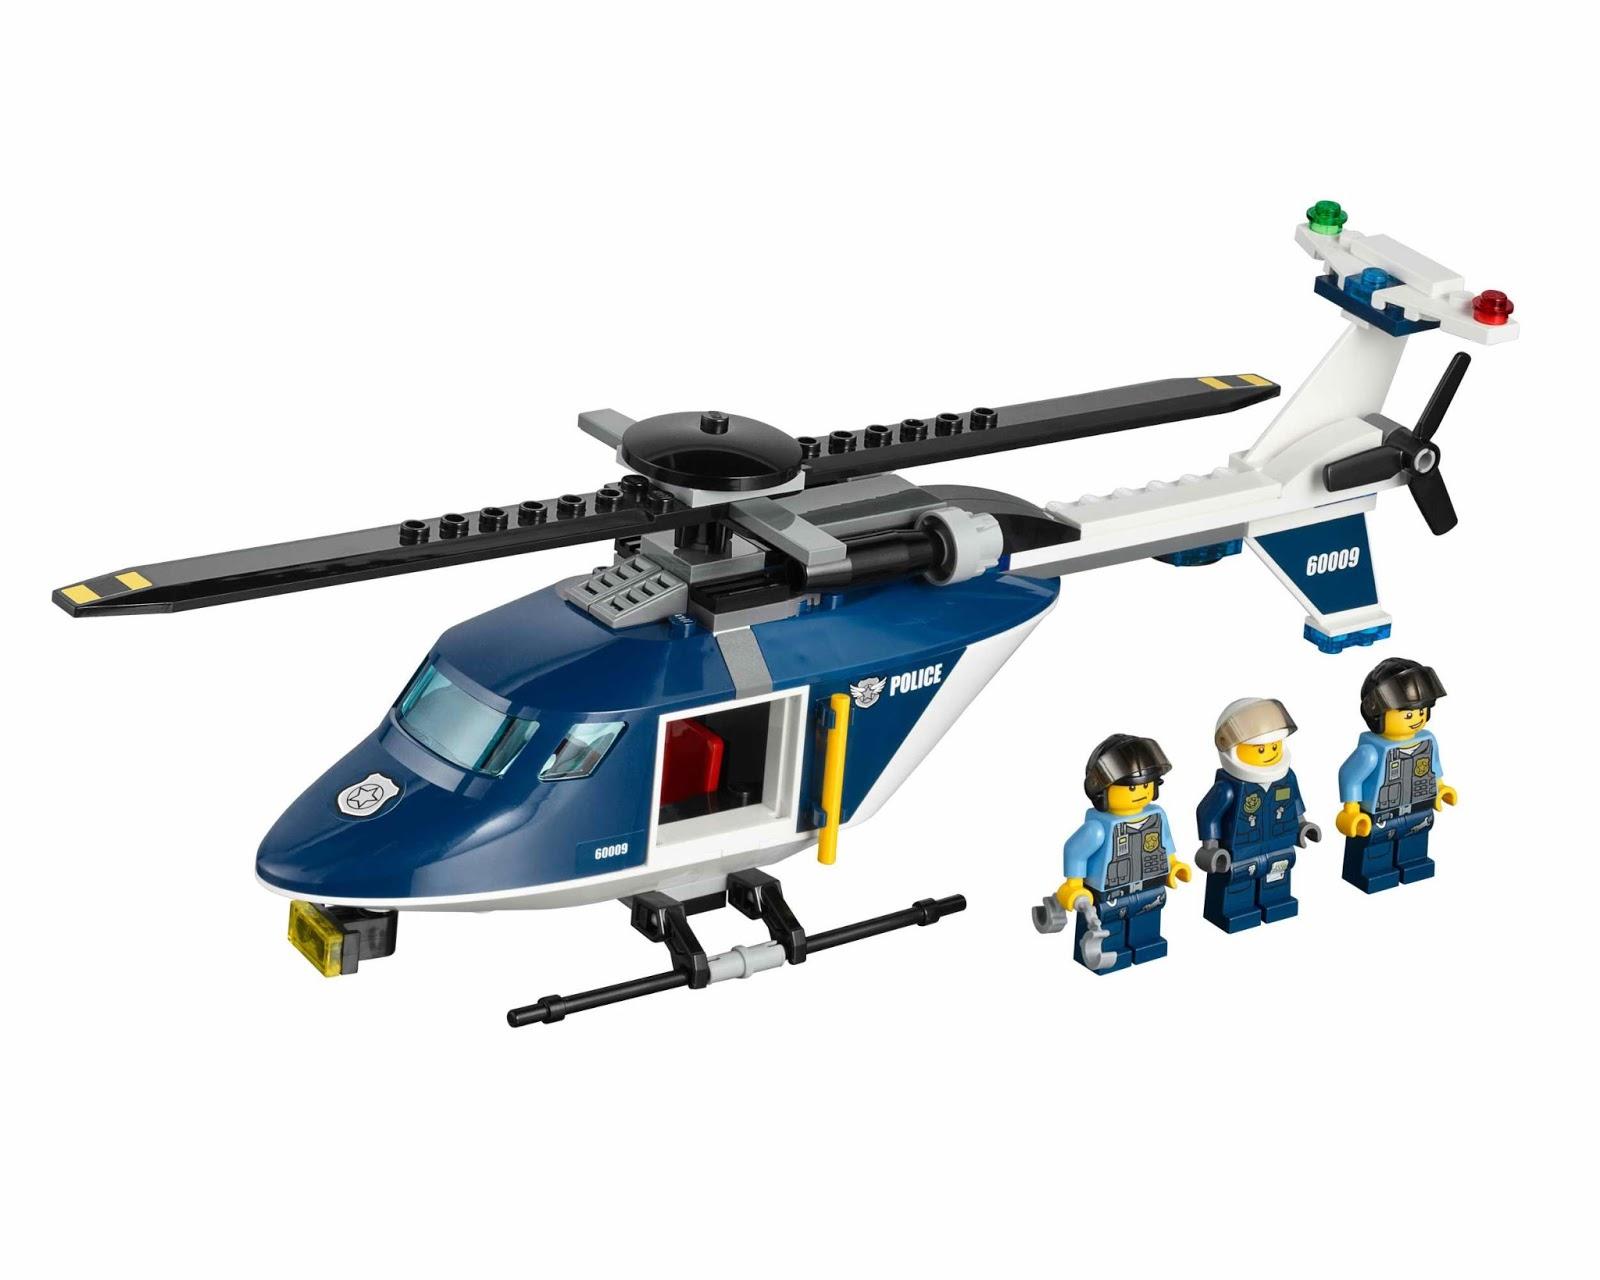 oneTWOBRICK.com: set database: LEGO 60009 helicopter arrest